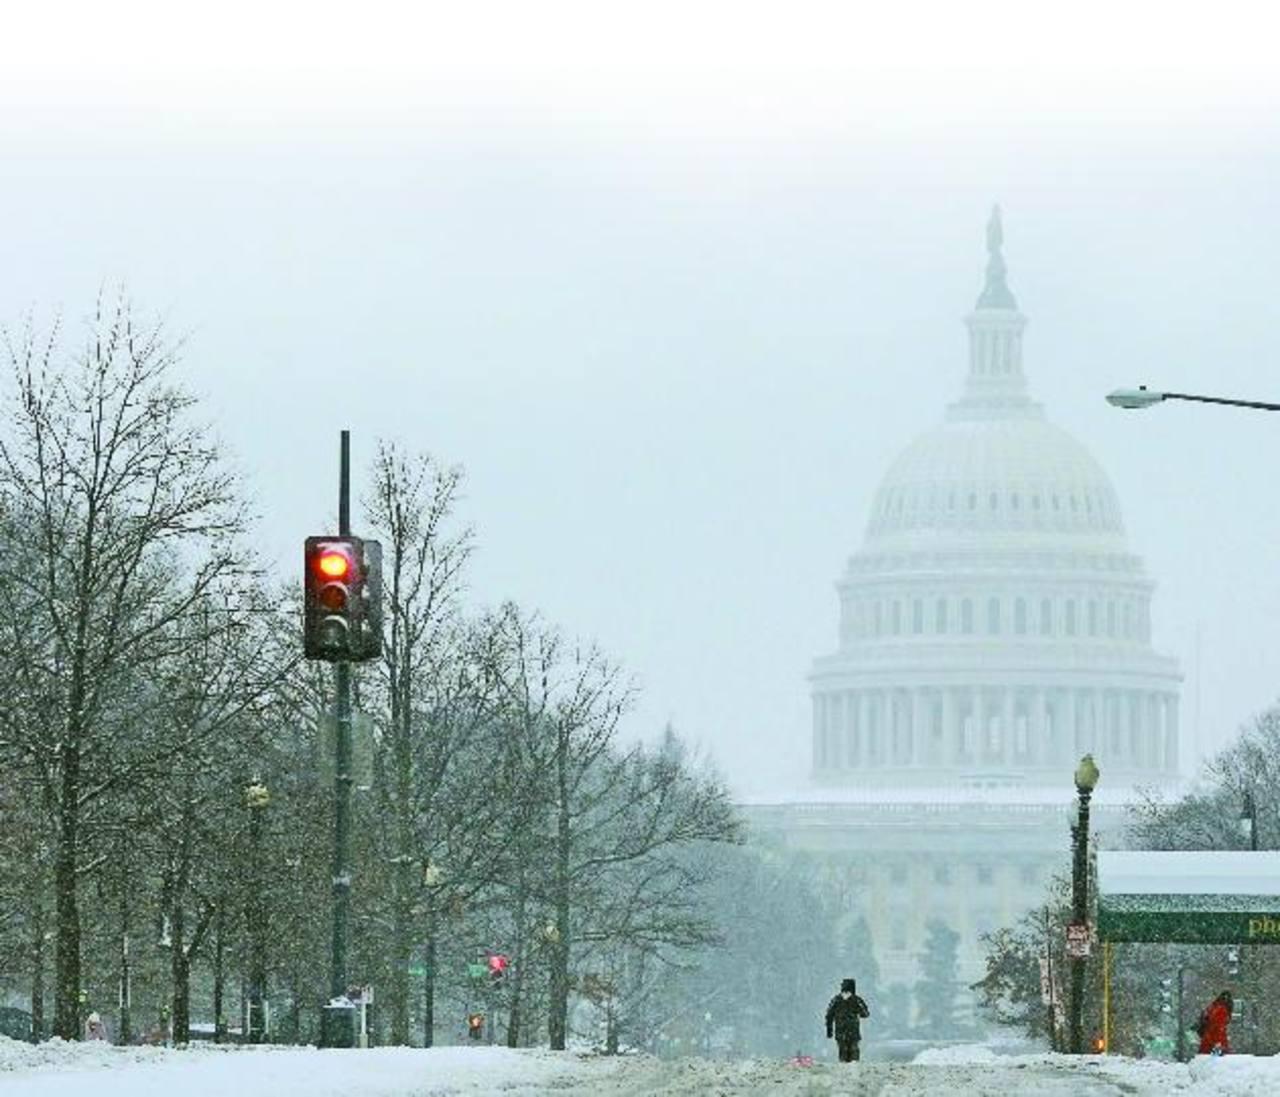 Pax, la severa tormenta de nieve, ha obligado al cierre de colegios y oficinas, la cancelación de vuelos y las actividades incluso en la Casa Blanca. foto edh / reuters